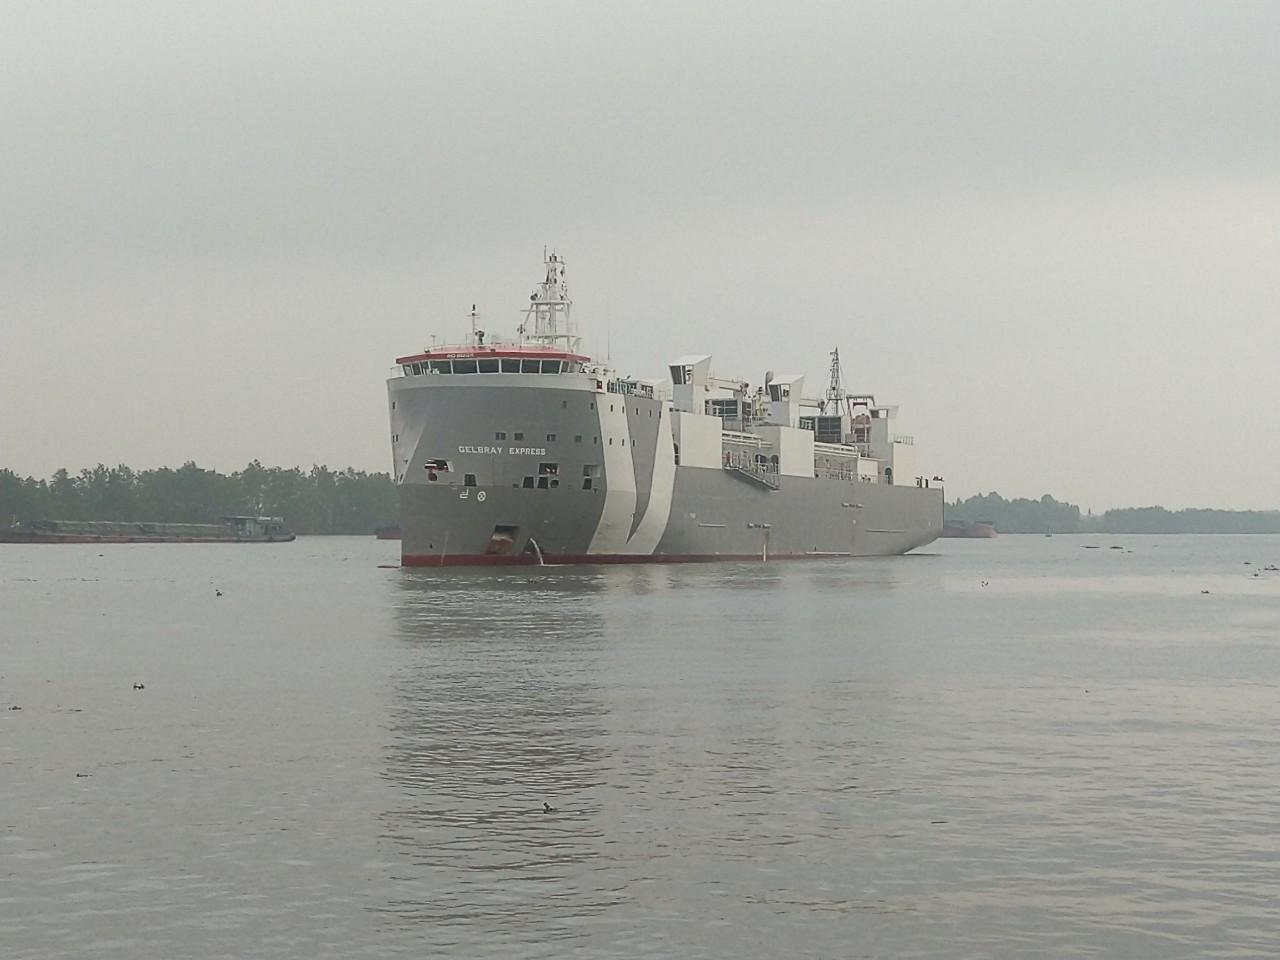 Chiến Dịch Vận Chuyển Bò Úc Cảng Hoàng Diệu - Cảng Cá HP